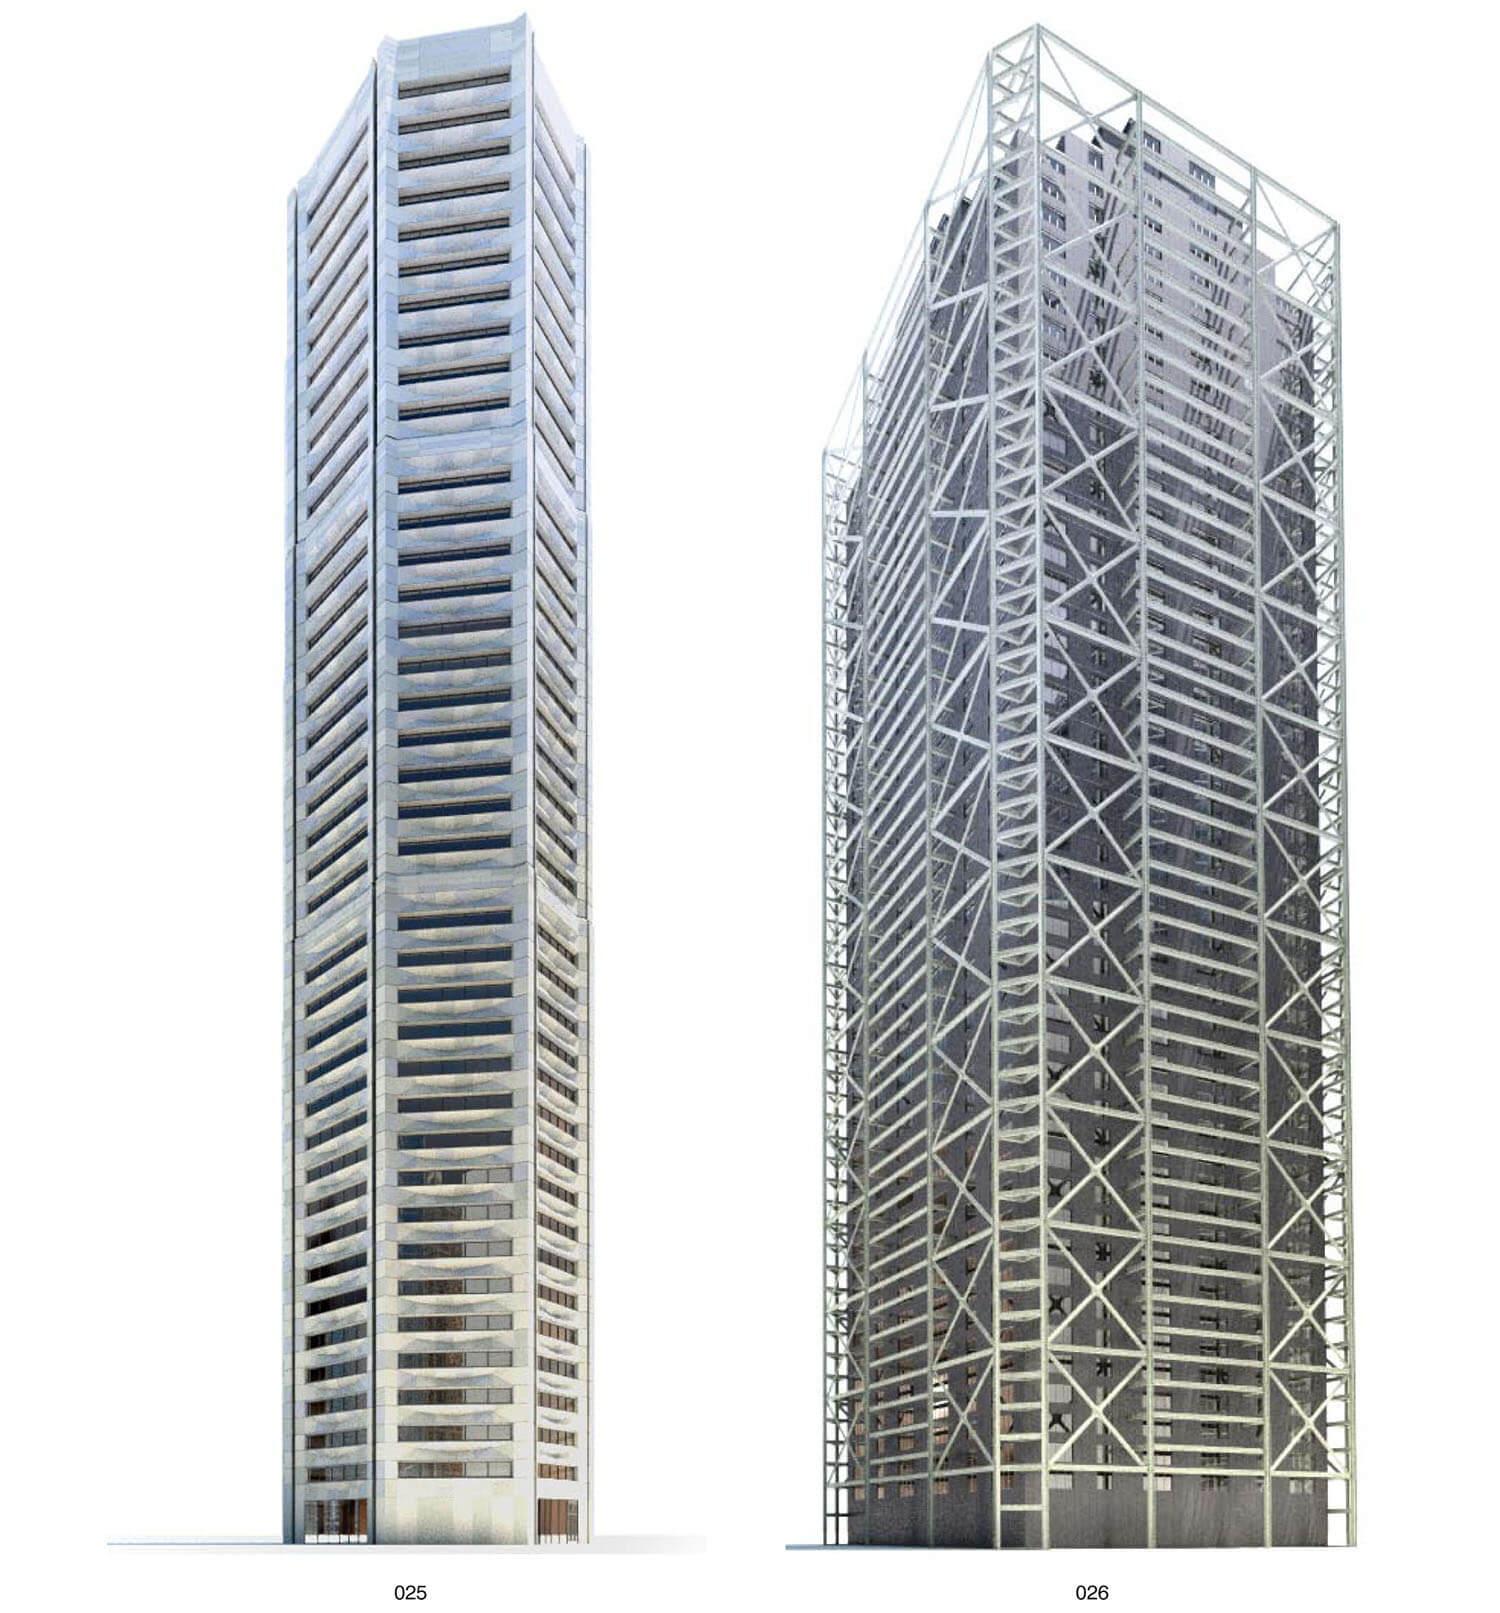 Hình dạng khung phô kết cấu của 2 building cao tầng